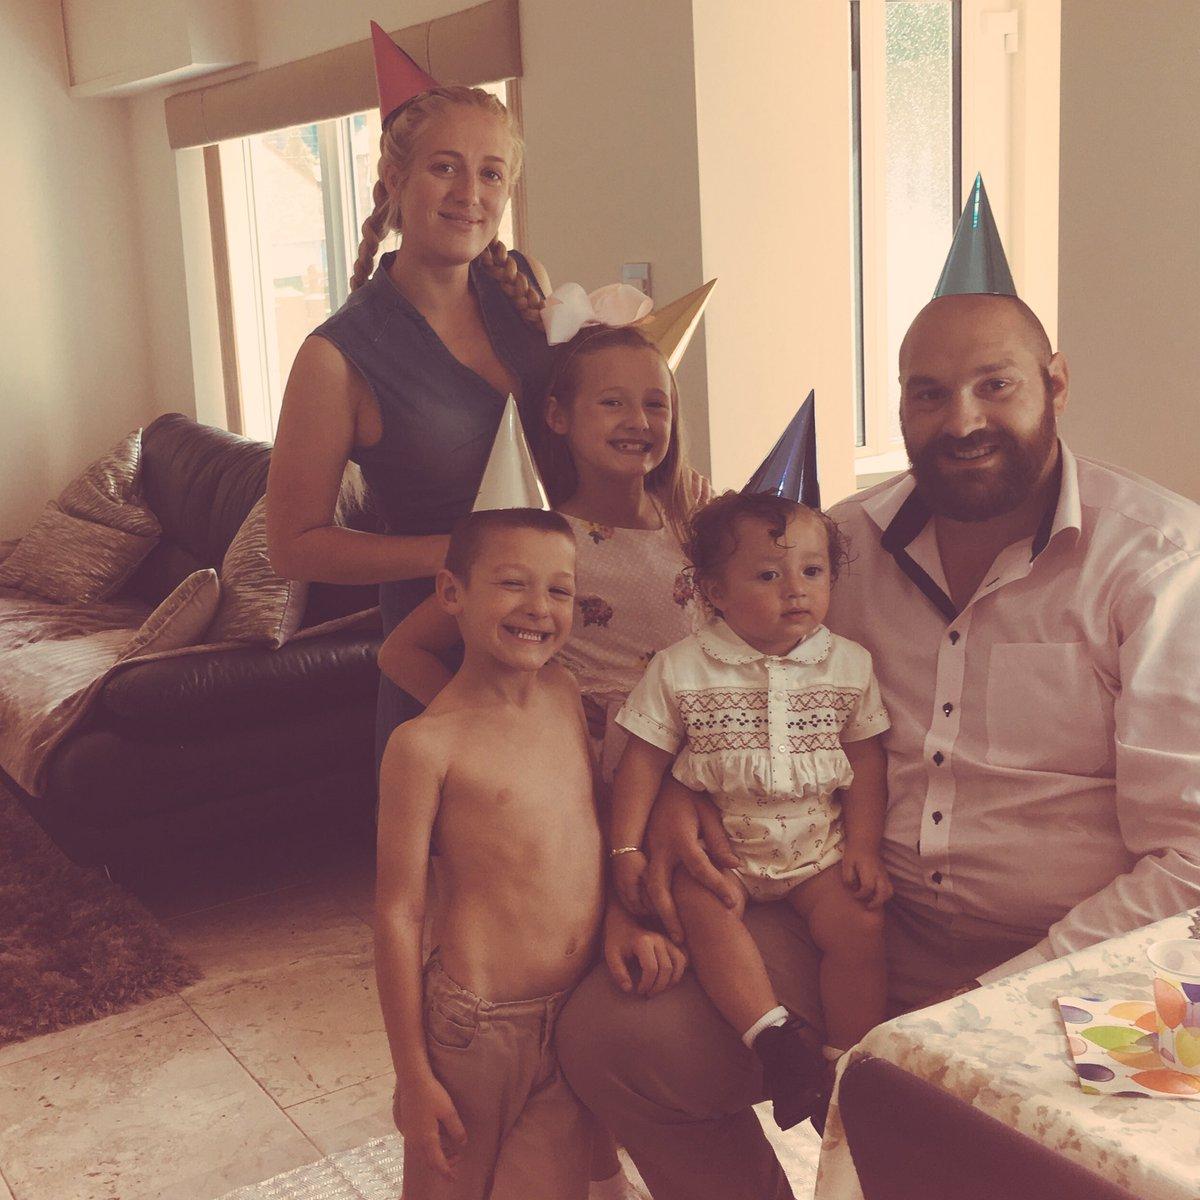 Superman Boxin On Twitter Nice Family Photo Tyson